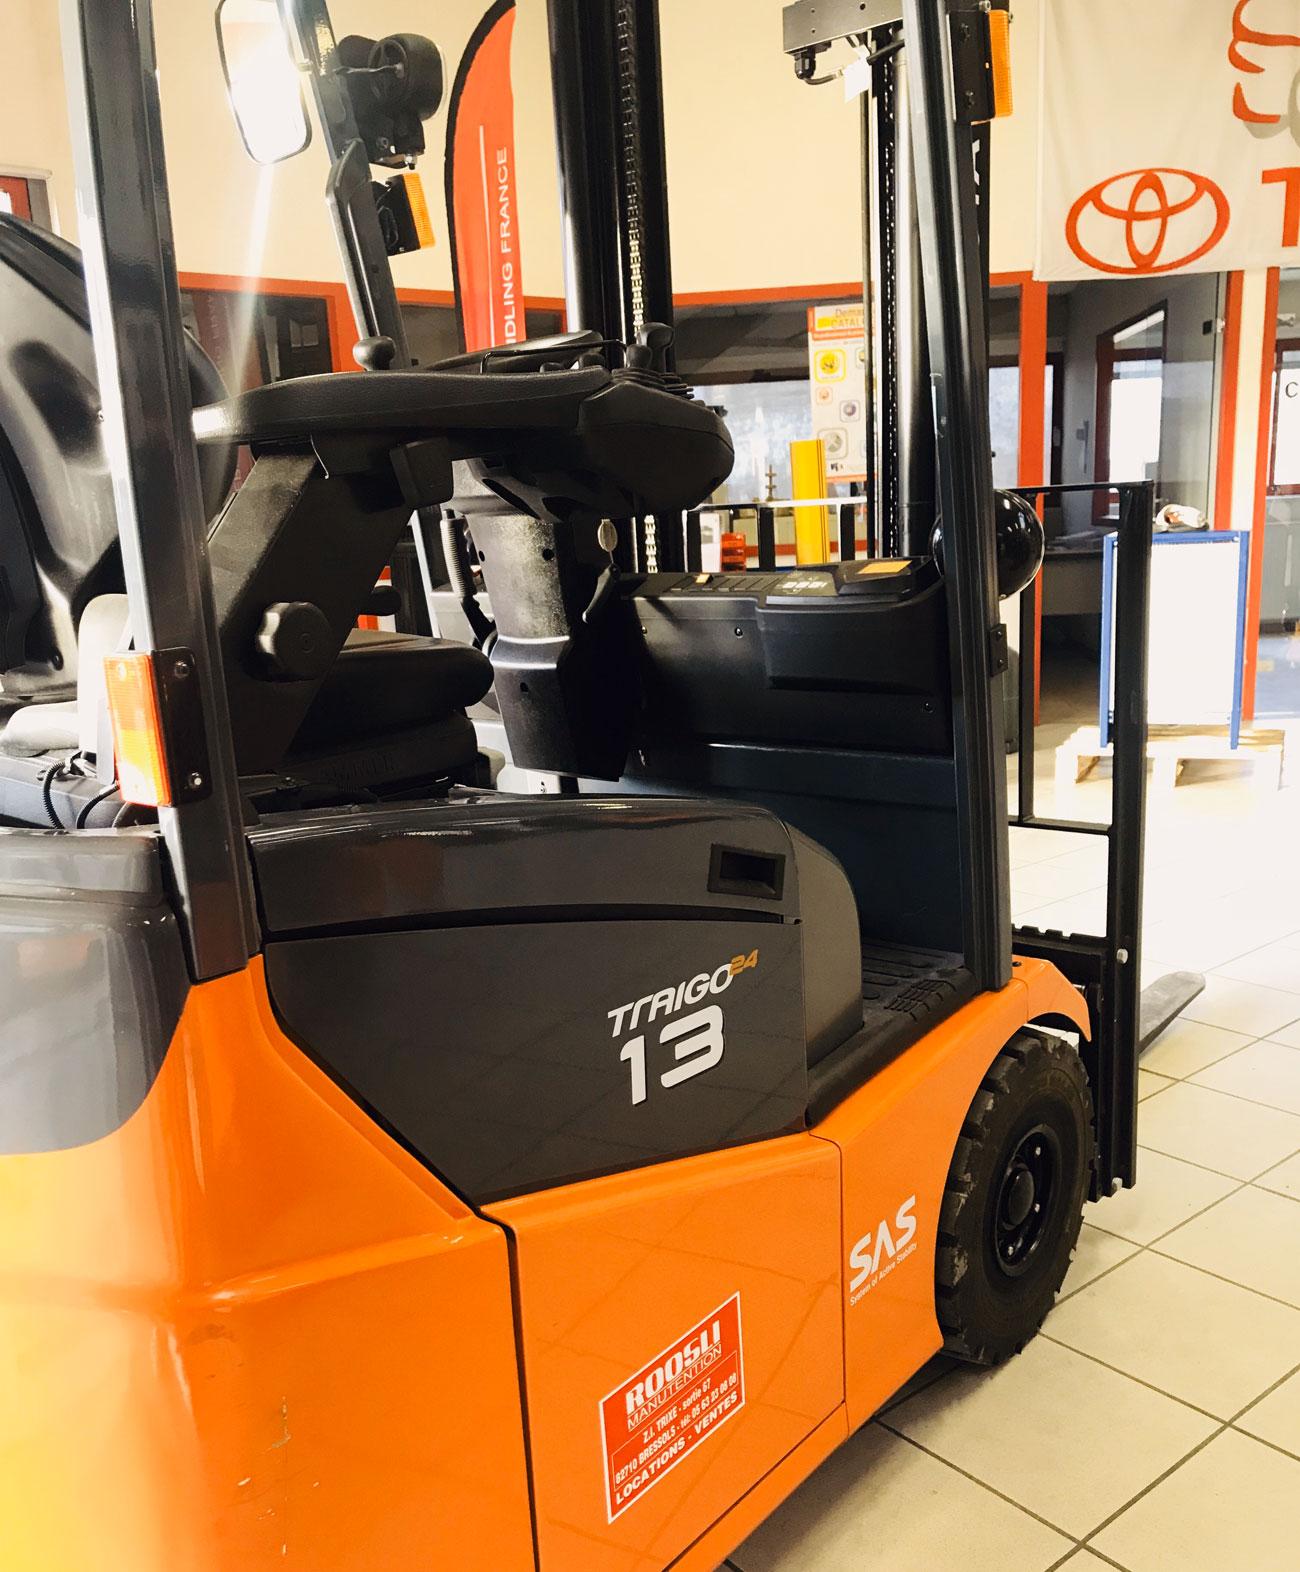 Chariot élévateur Toyota 7 FBEST 13 photo 2